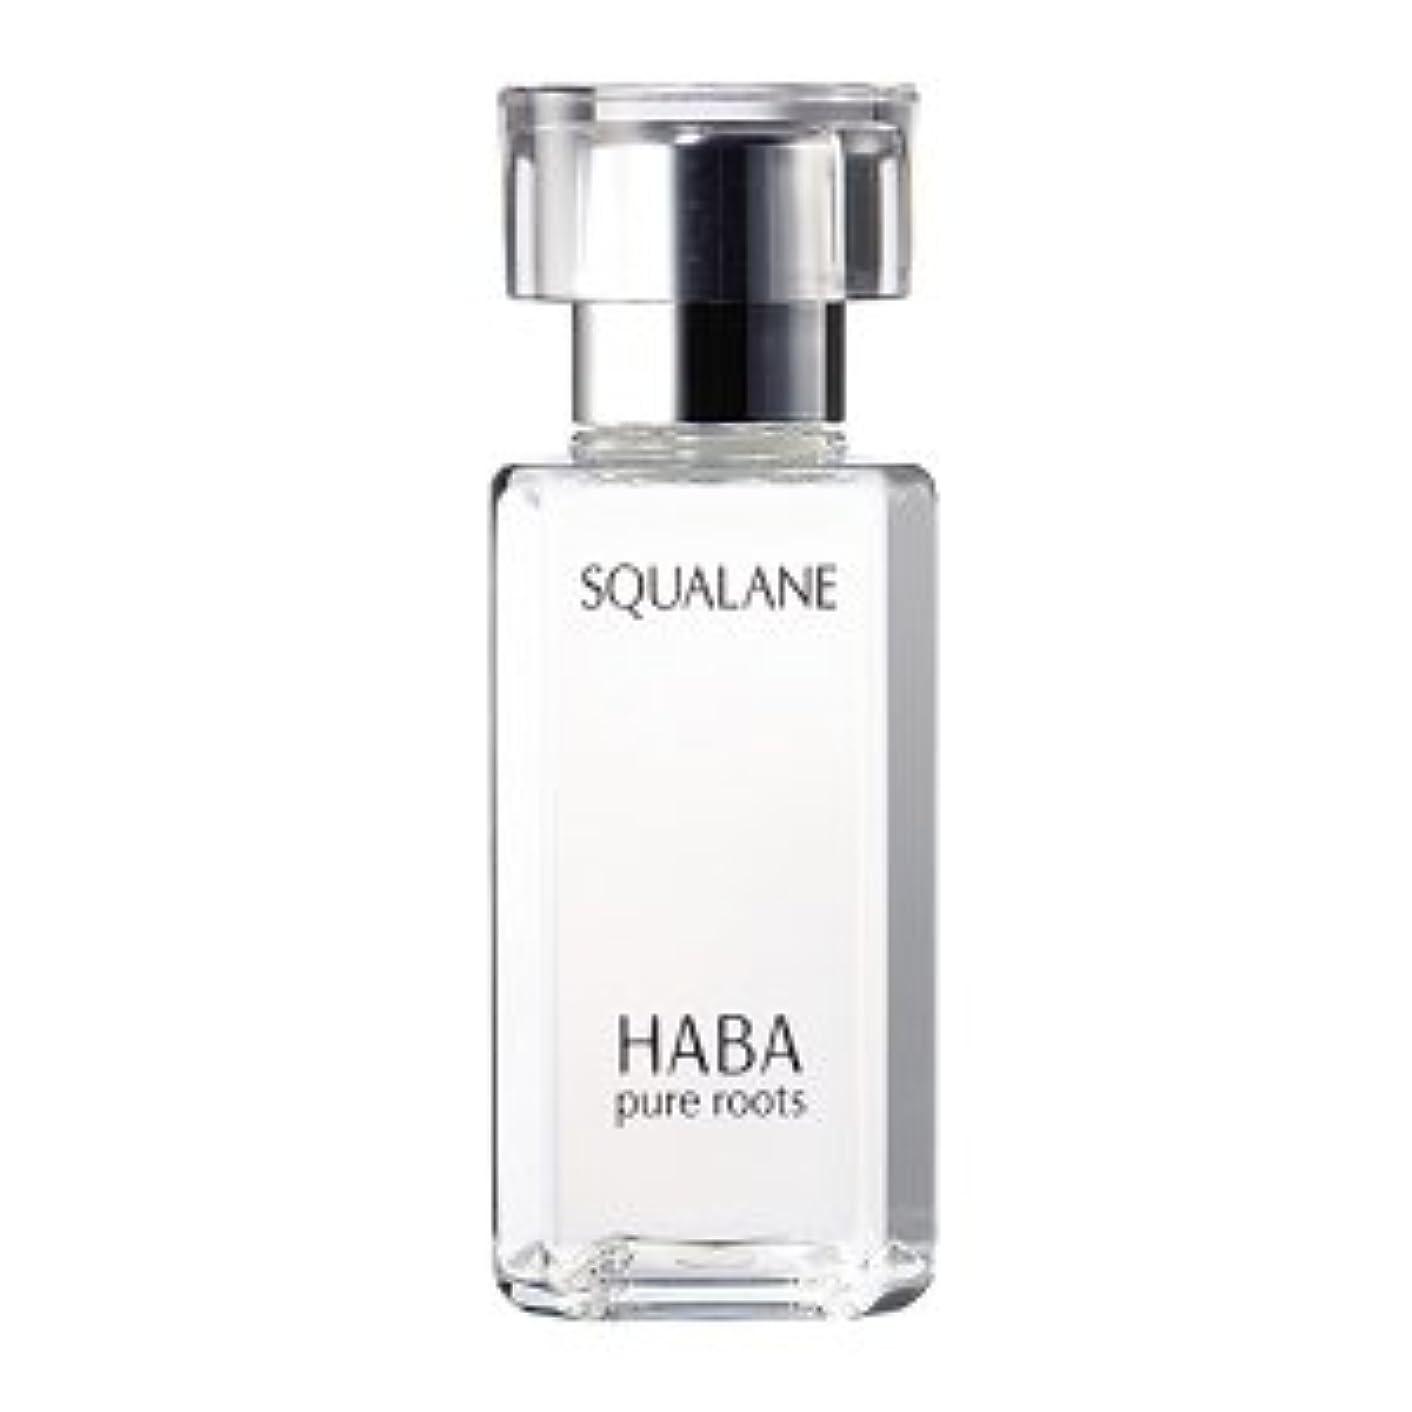 高品位スクワラン 60ml HABA ハーバー